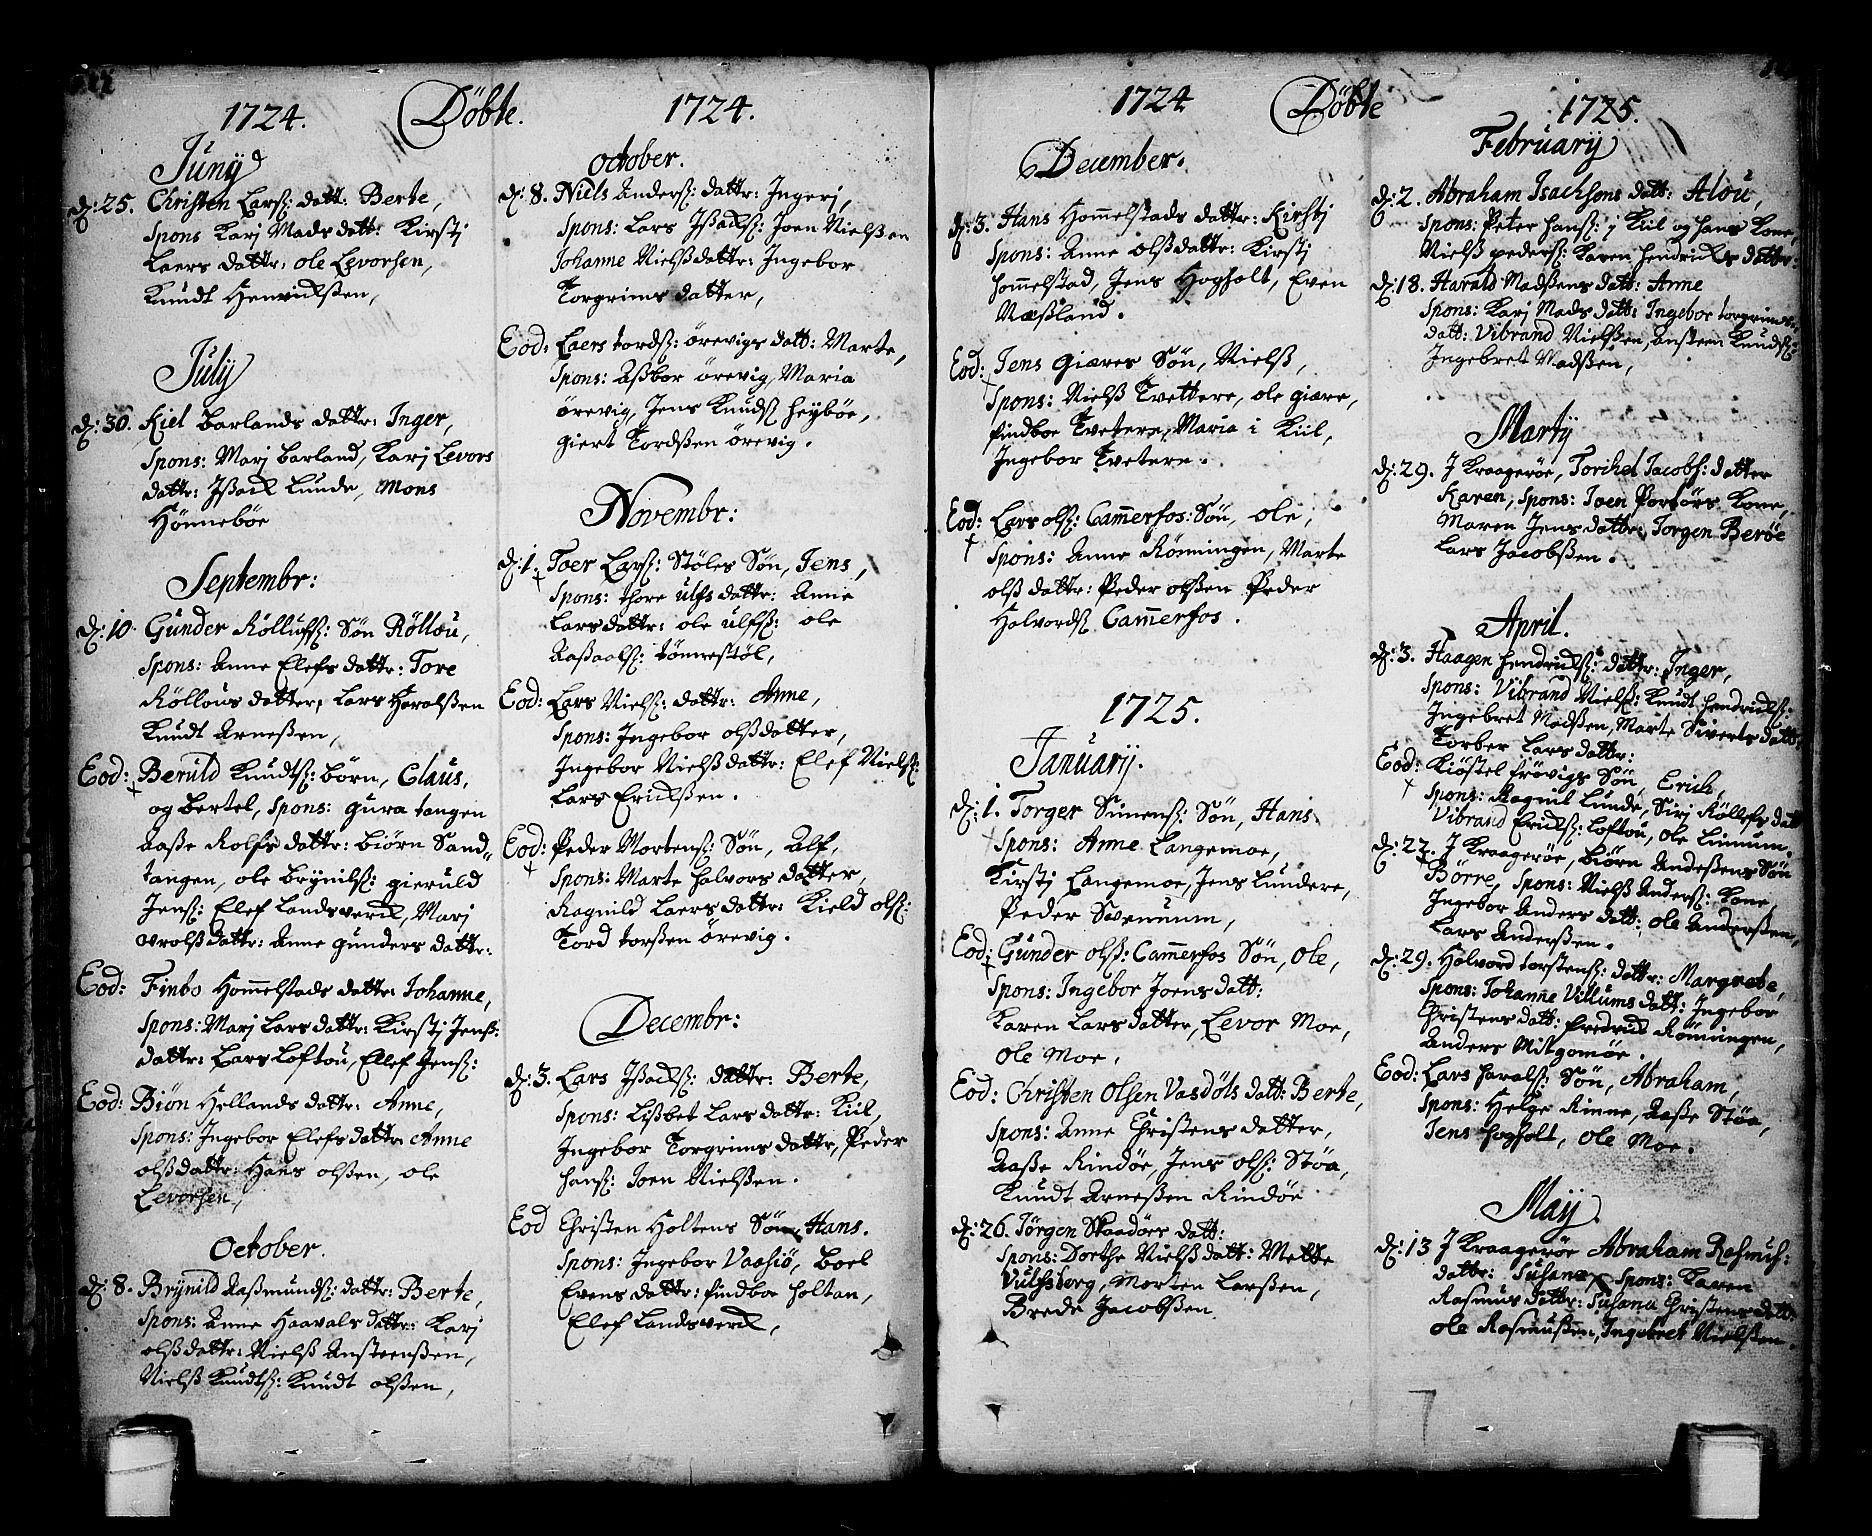 SAKO, Sannidal kirkebøker, F/Fa/L0001: Ministerialbok nr. 1, 1702-1766, s. 122-123